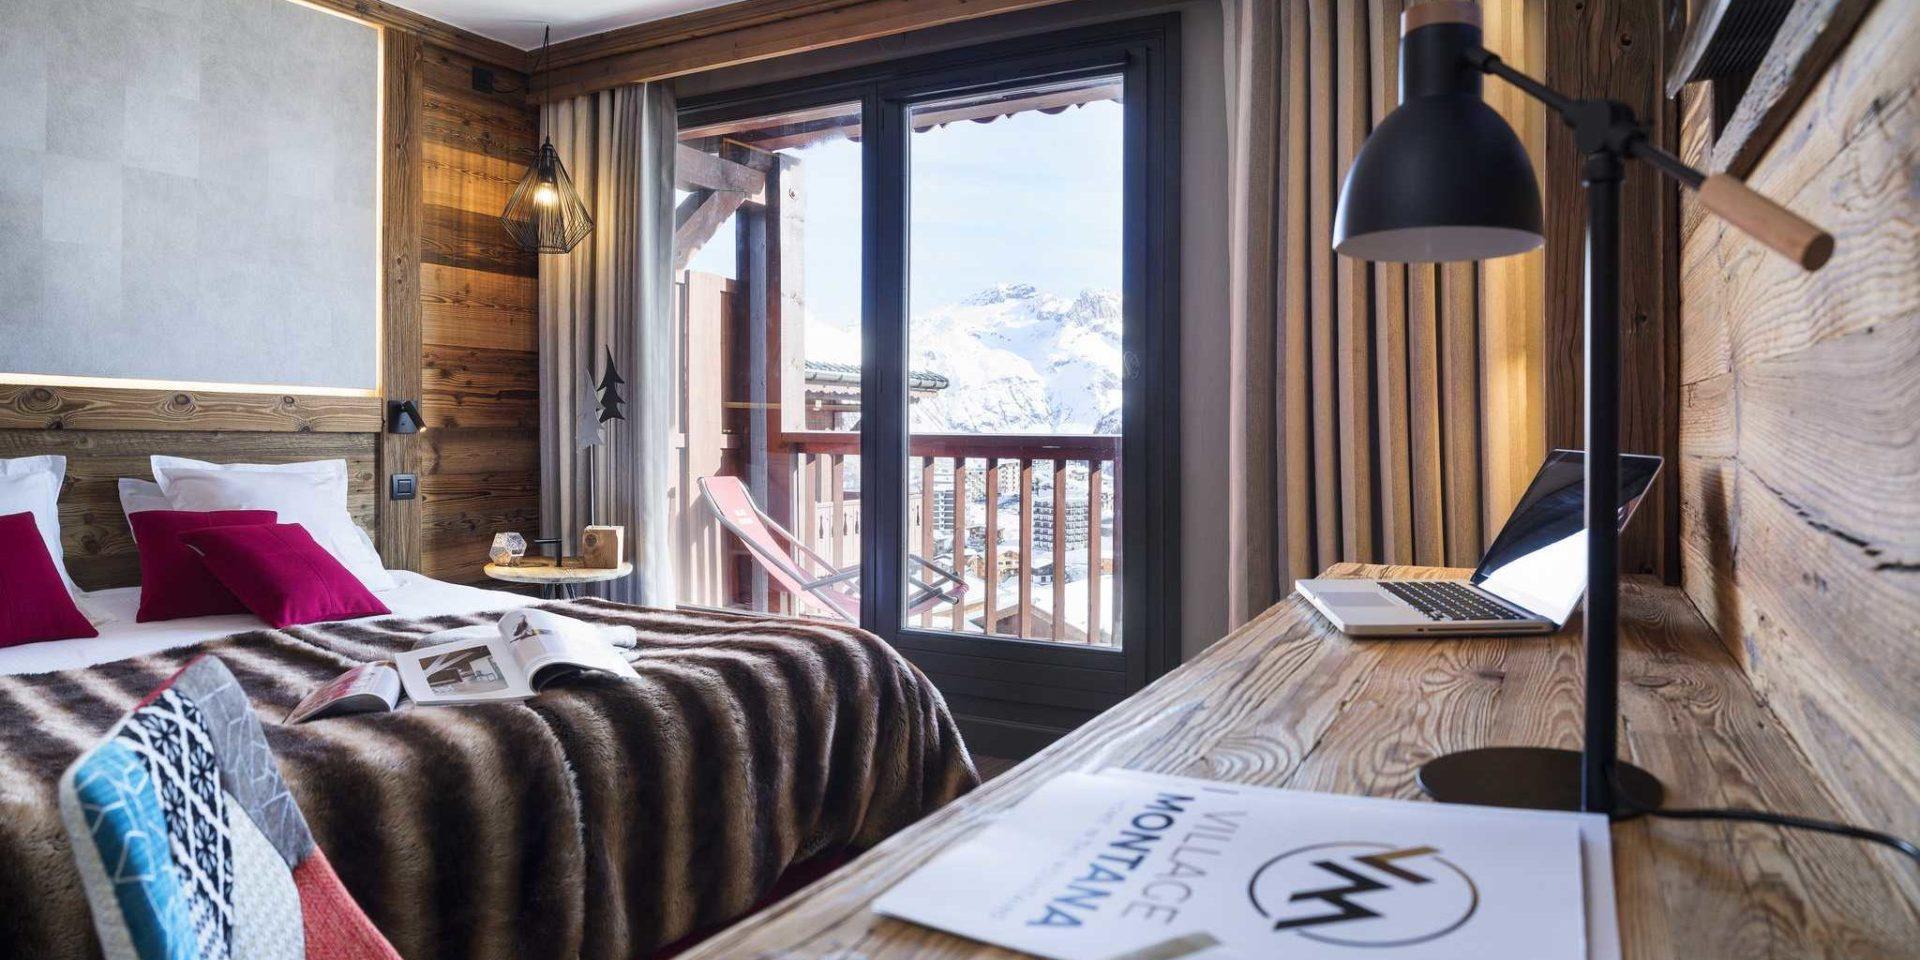 Hotel Village Montana Tignes Tignes-Val d'Isere Frankrijk wintersport skivakantie luxe slaapkamer 2-persoonsbed roze kussens sprei boeken gekleurde stoel bureau bureaulamp raam balkon ligstoel besneeuwde bergen